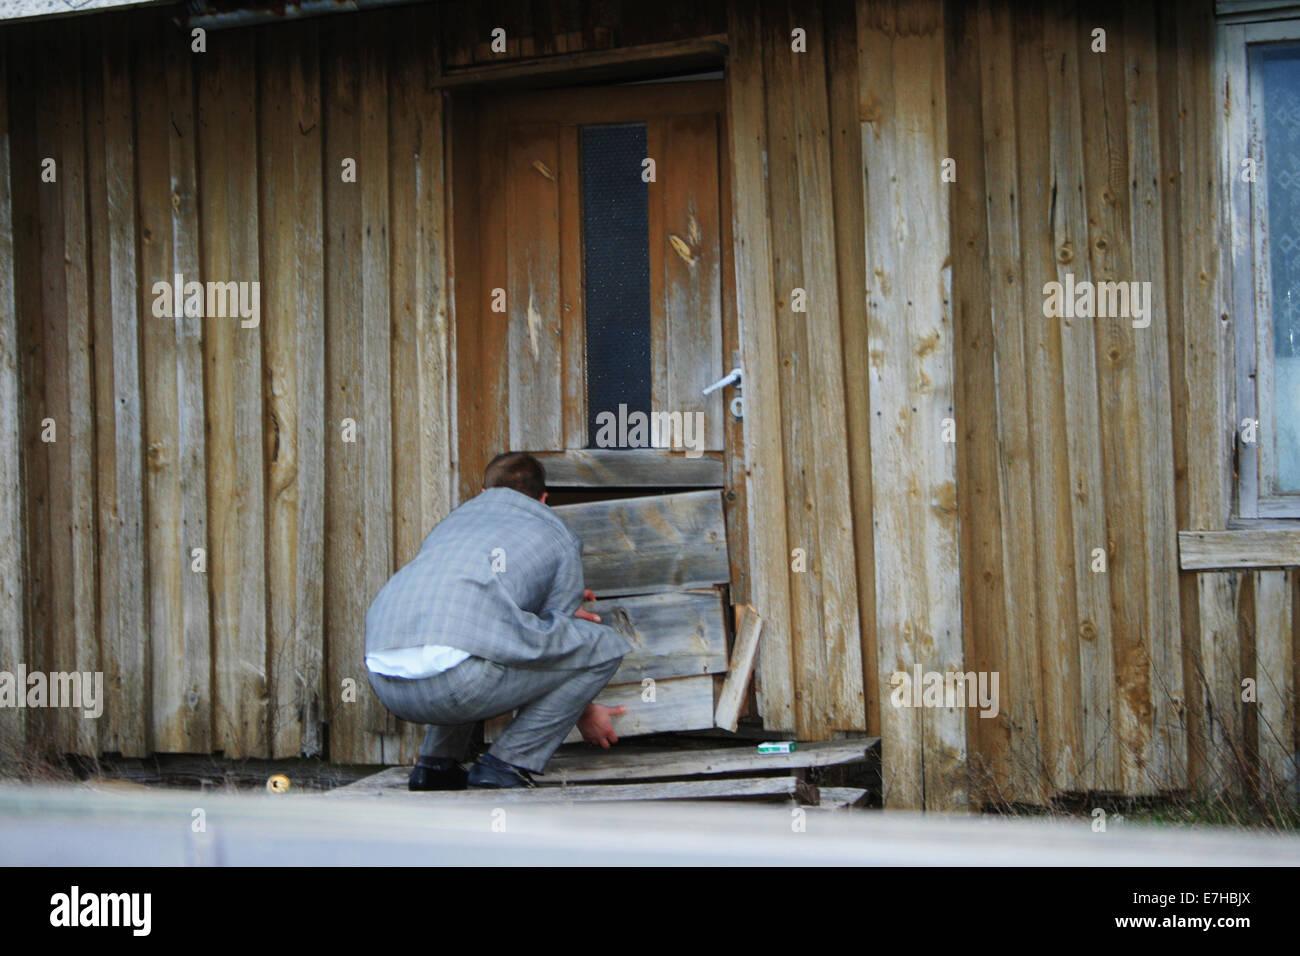 A Broken Down Door Stockfotos & A Broken Down Door Bilder - Alamy